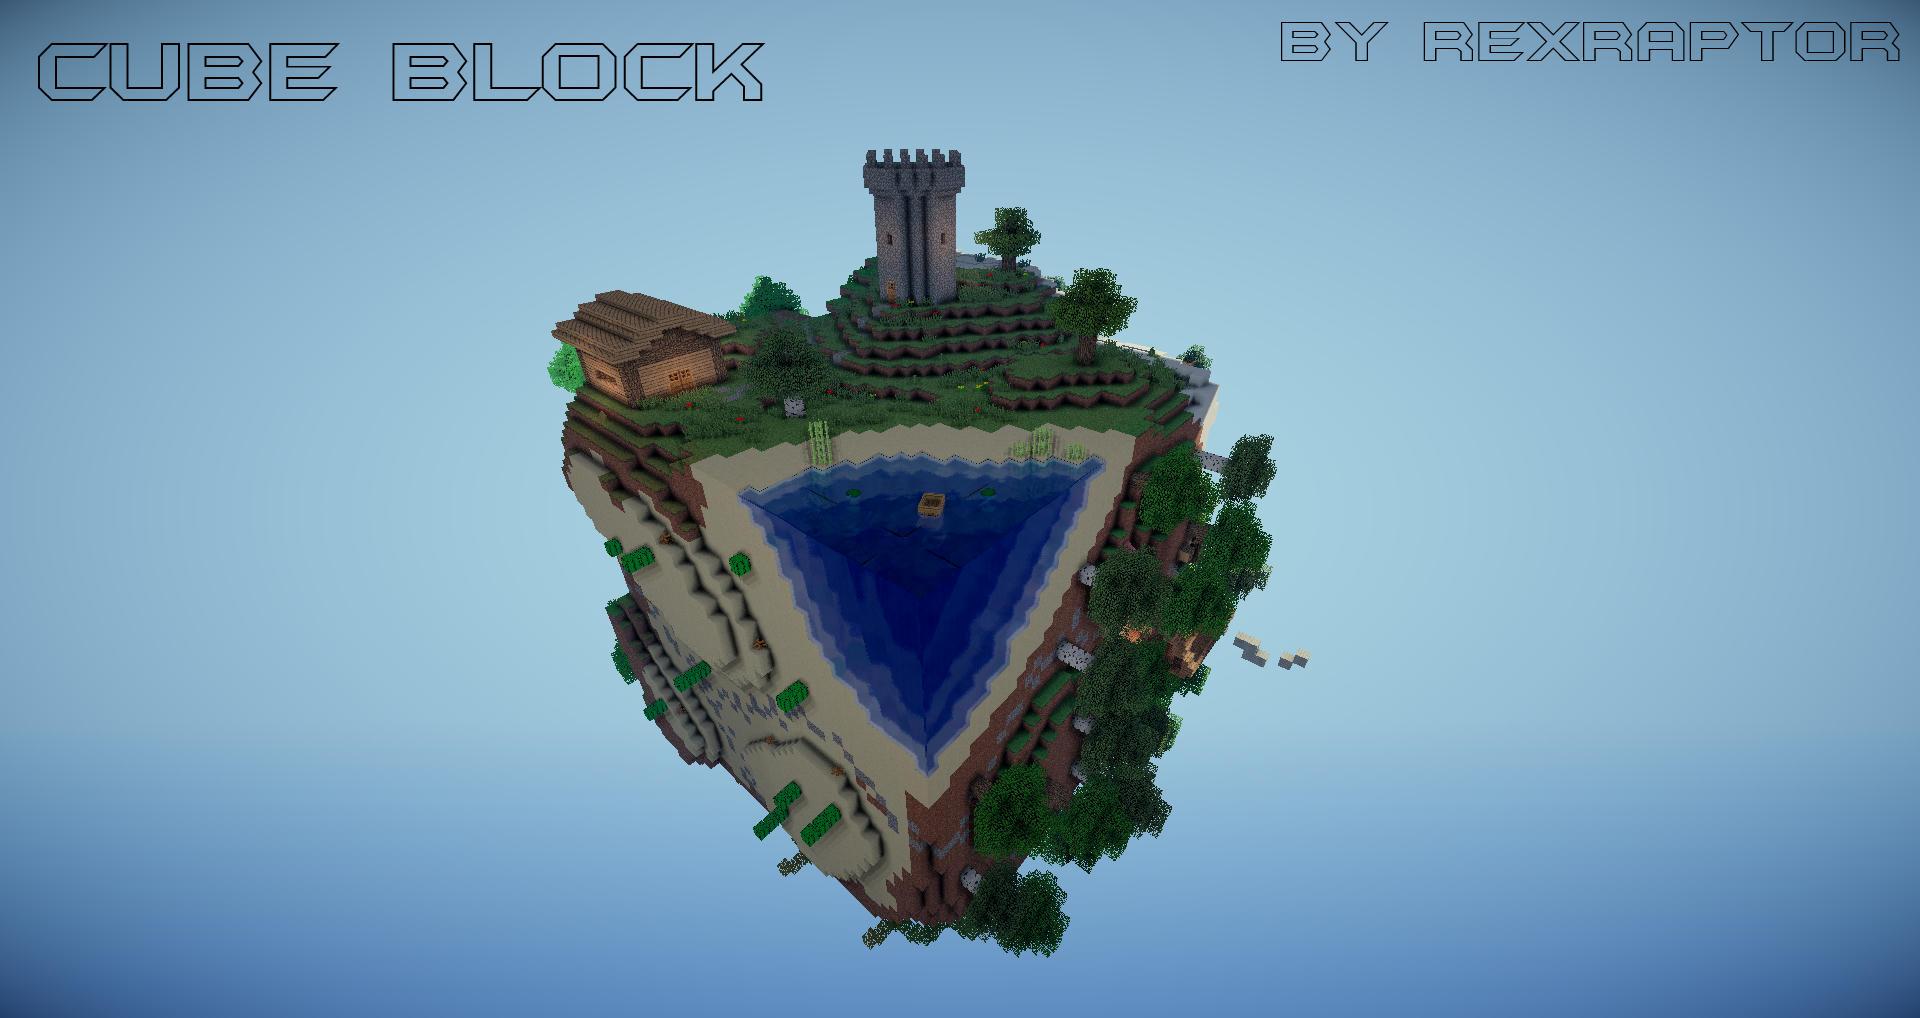 3d Wallpaper Shaft Cube Block Skyblock Deutsch English Maps Mapping